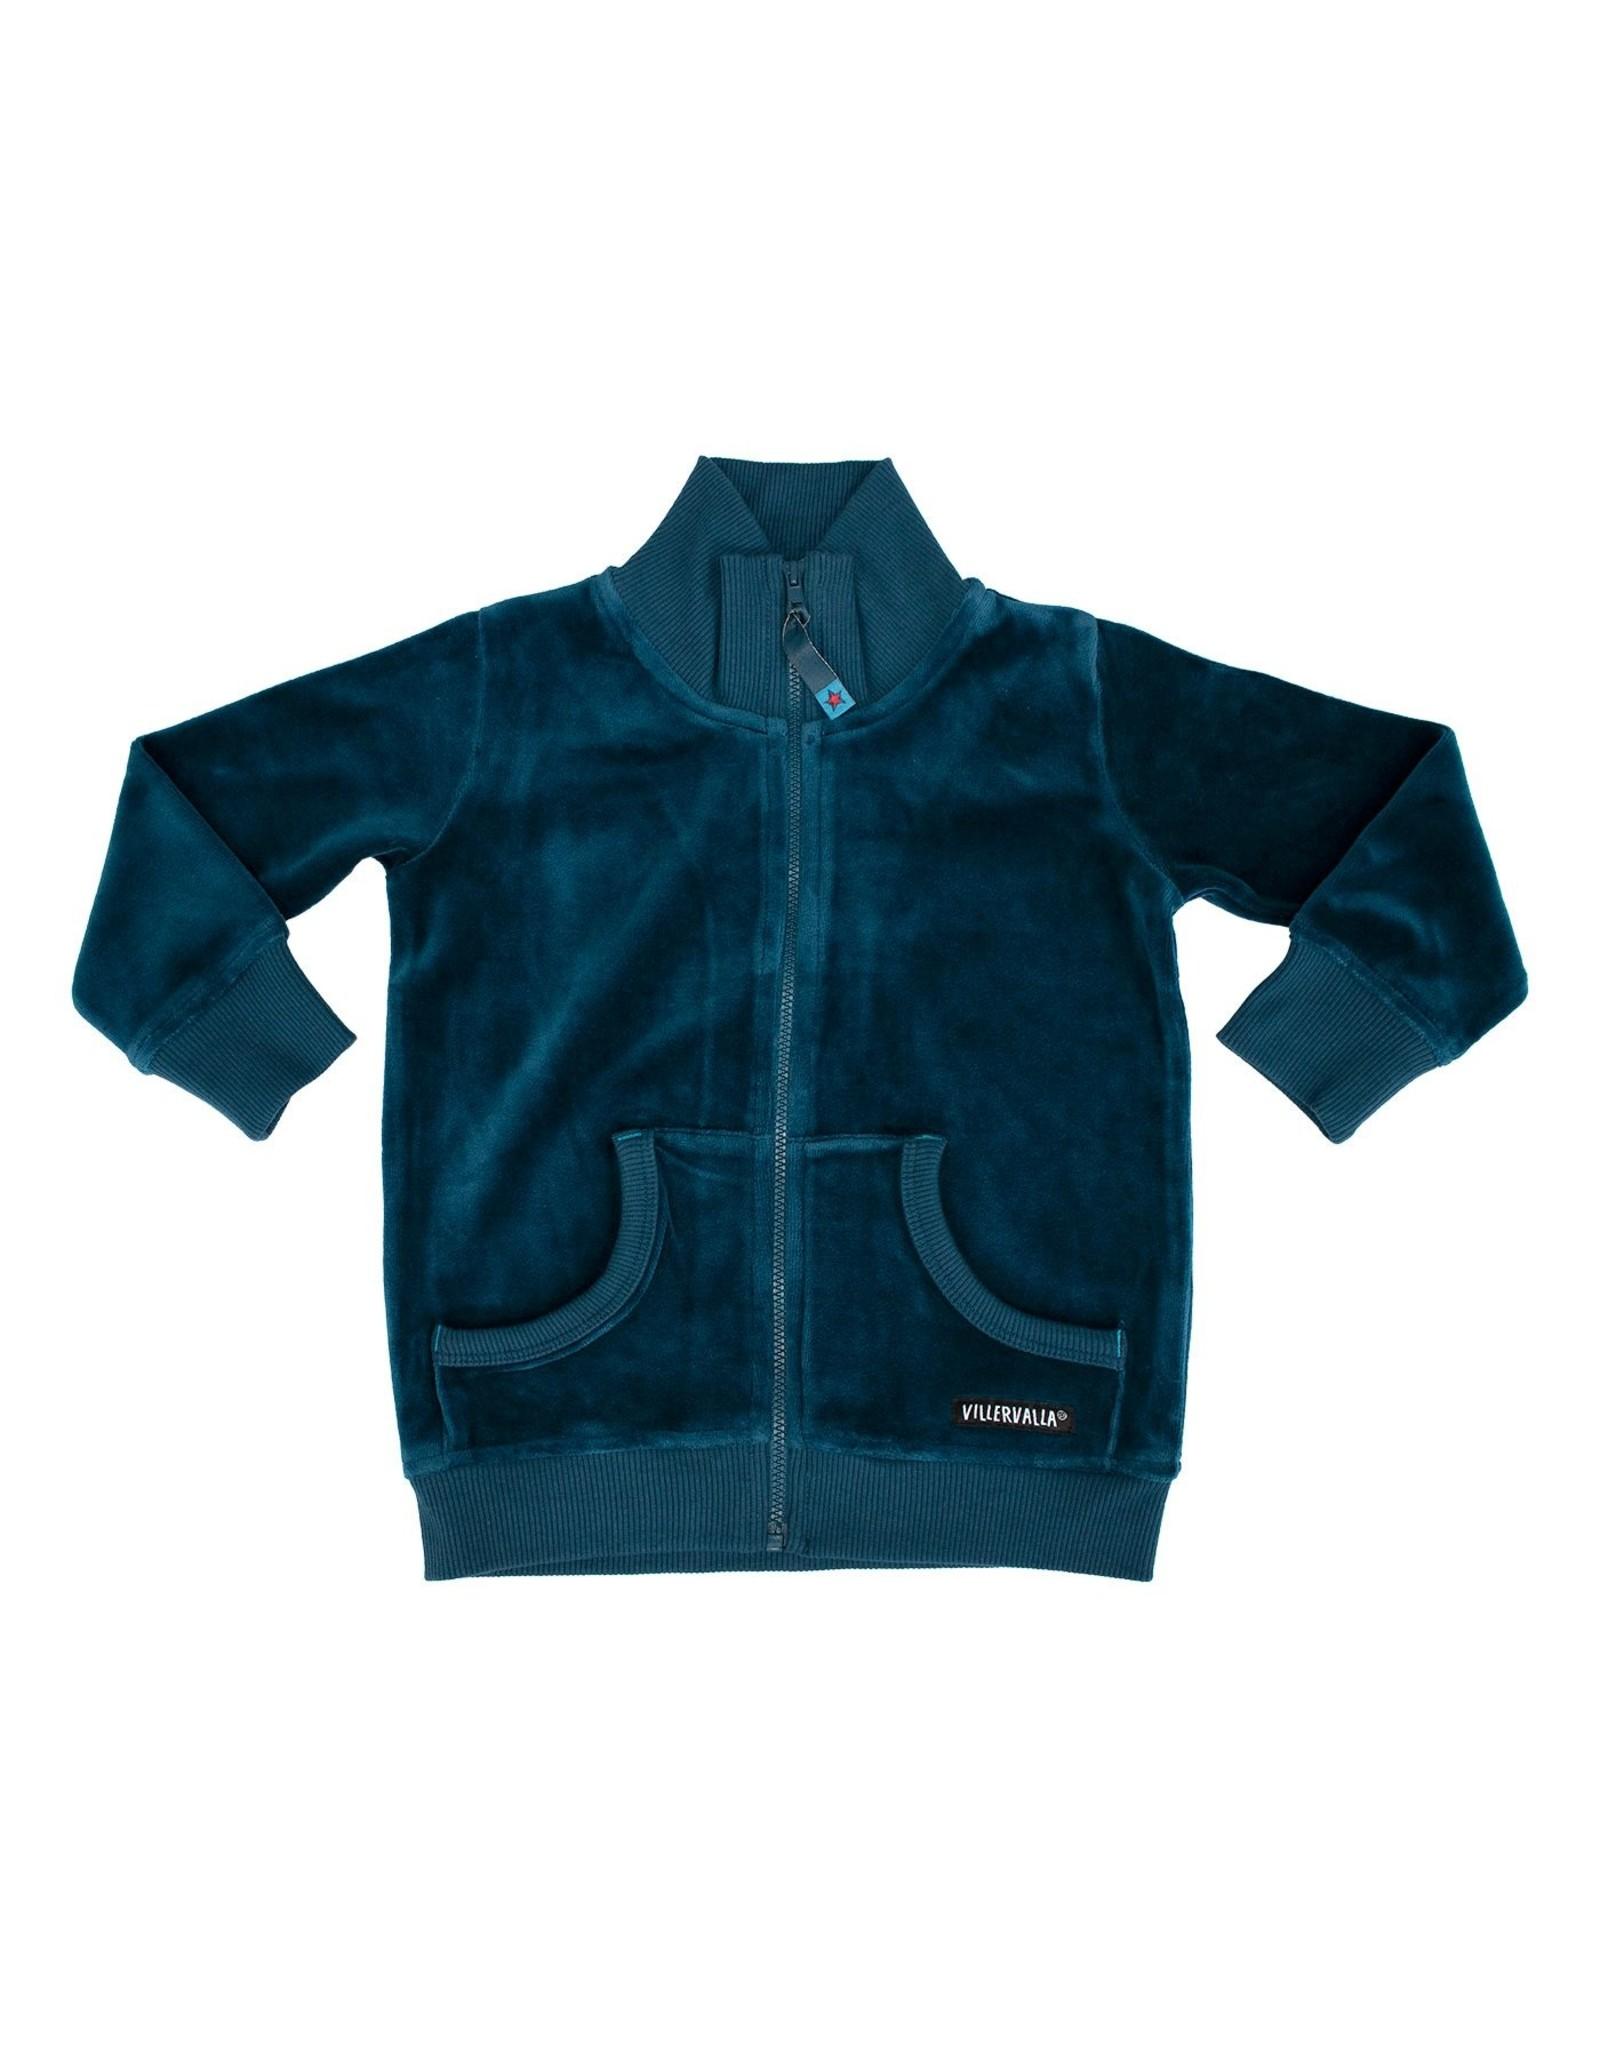 Villervalla Blauwe velours unisex vest met rits